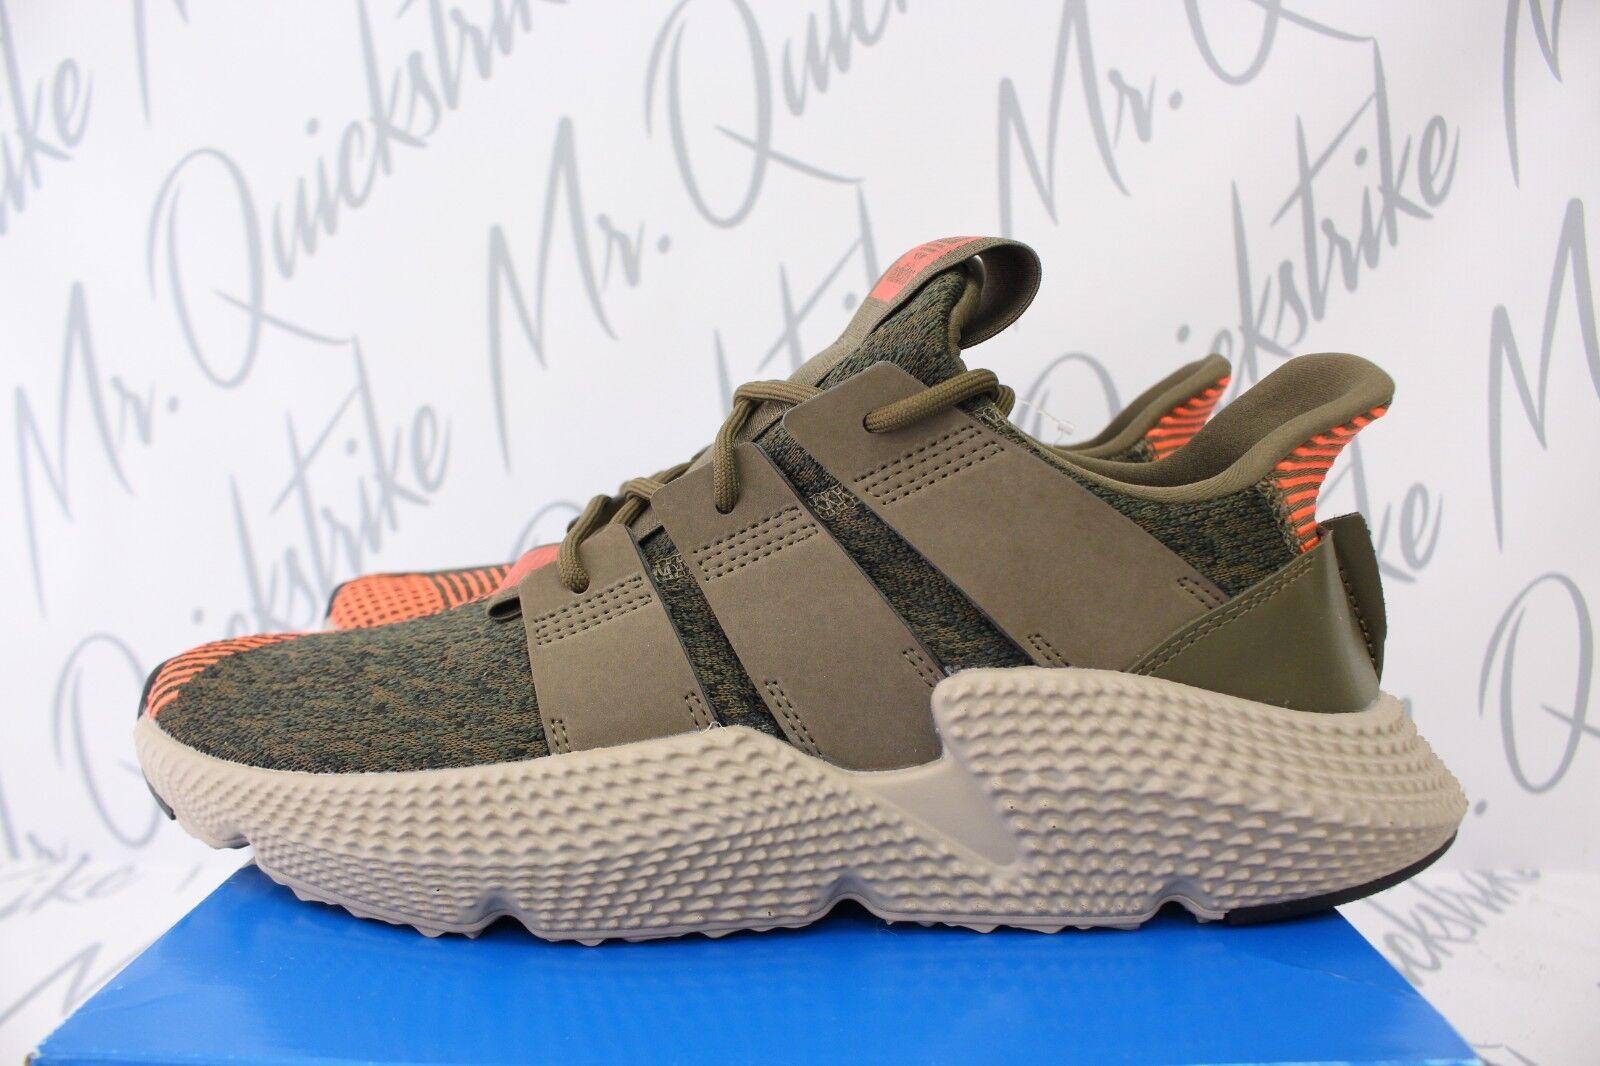 Adidas originali prophere sz 10 tracce solare verde oliva solare tracce cq2127 rosso e043aa